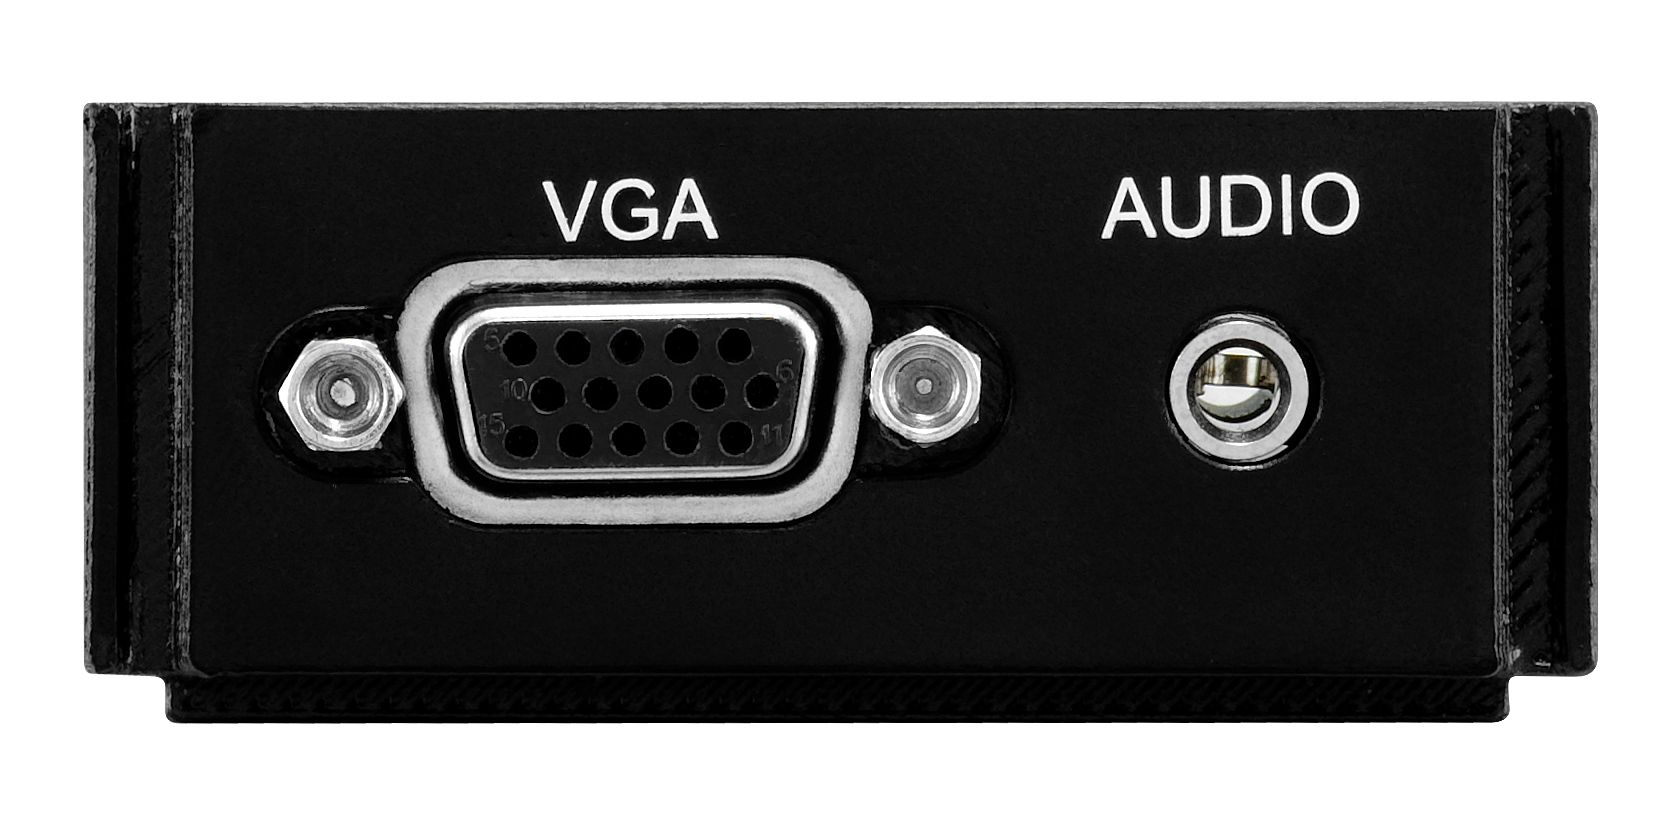 HPX-AV100-RGB+A - Front